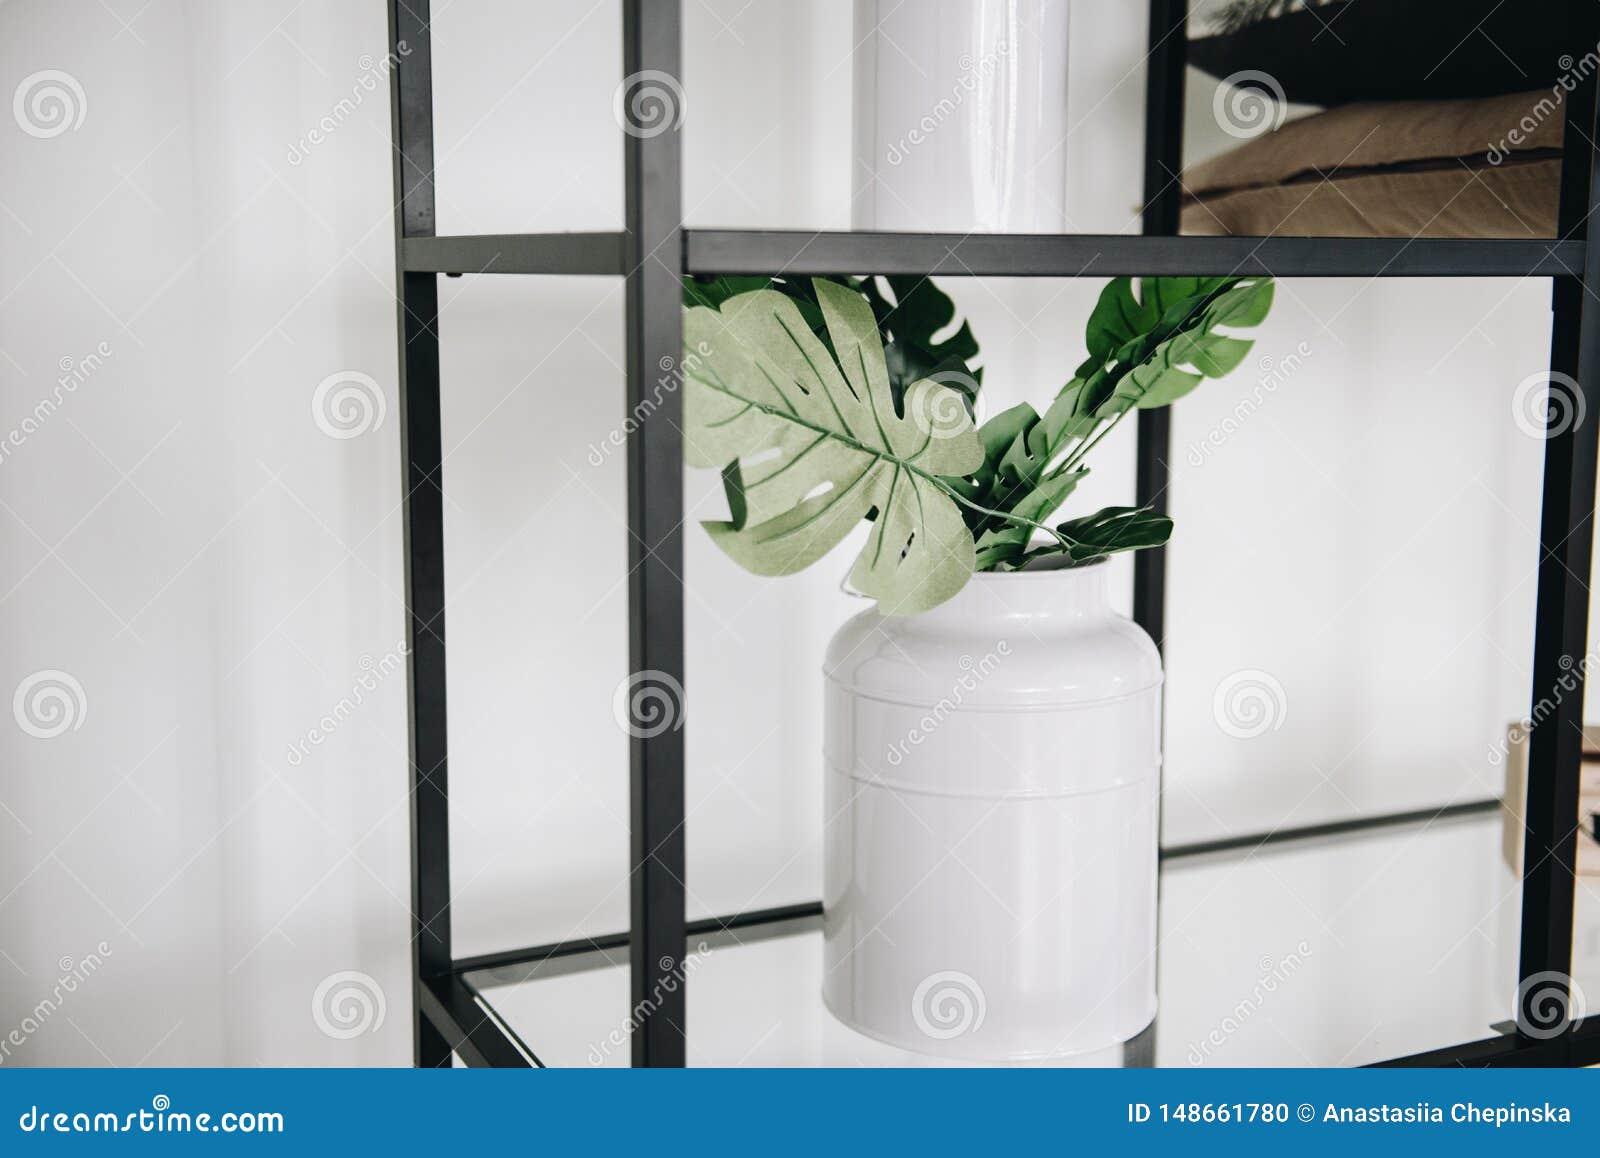 Современный в горшке вечнозеленый искусственный завод в вазе используемой во внутреннем художественном оформлении